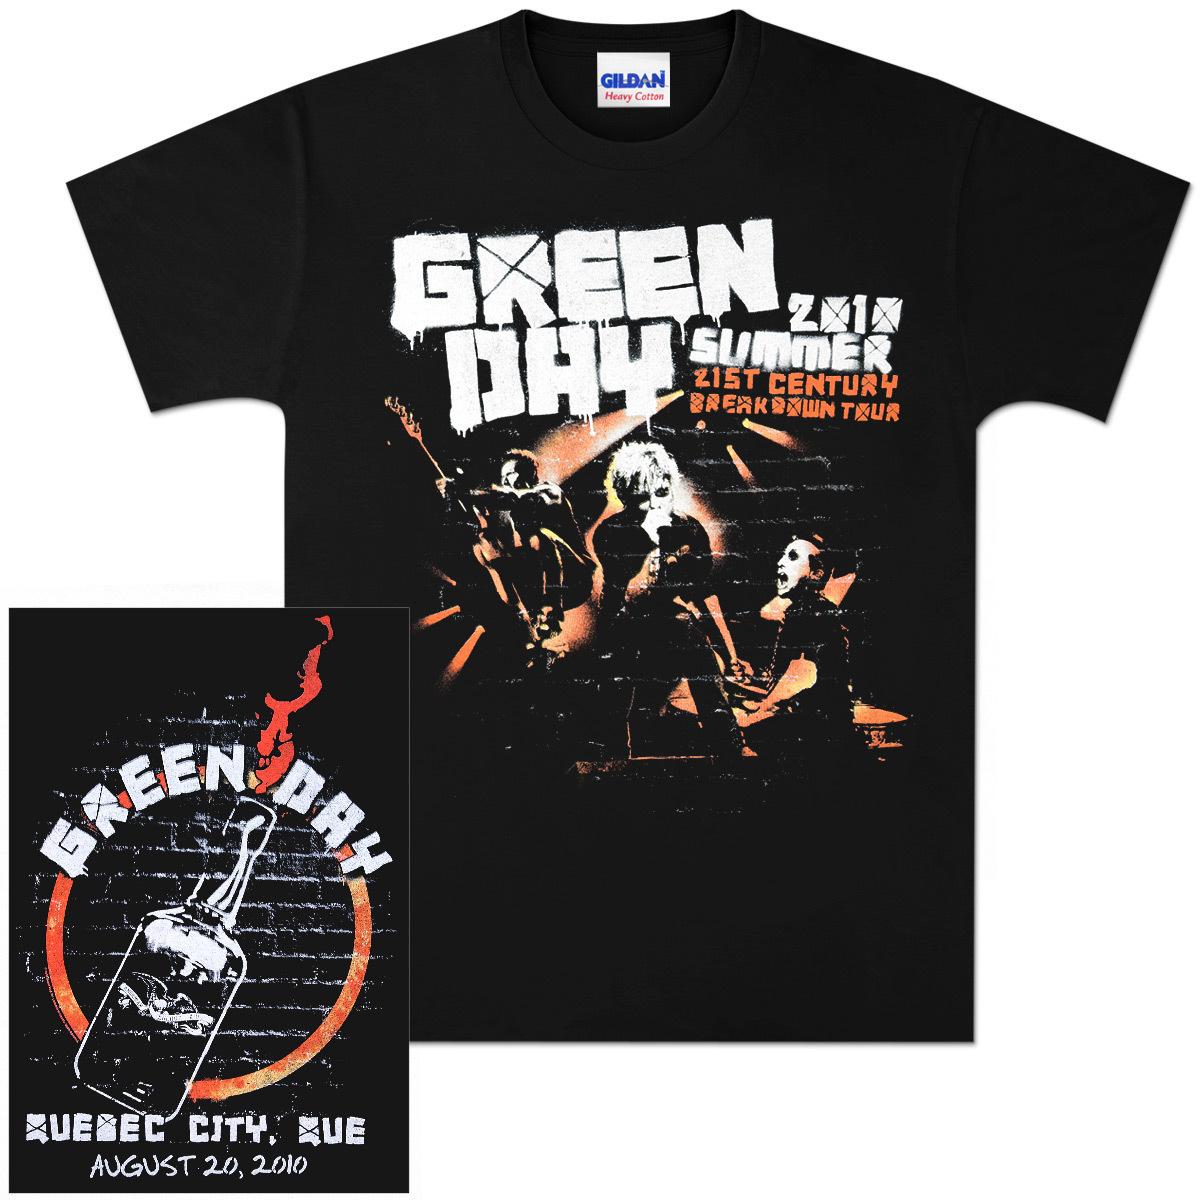 Green Day Summer 2010 Quebec City Event T-Shirt 08/20/10